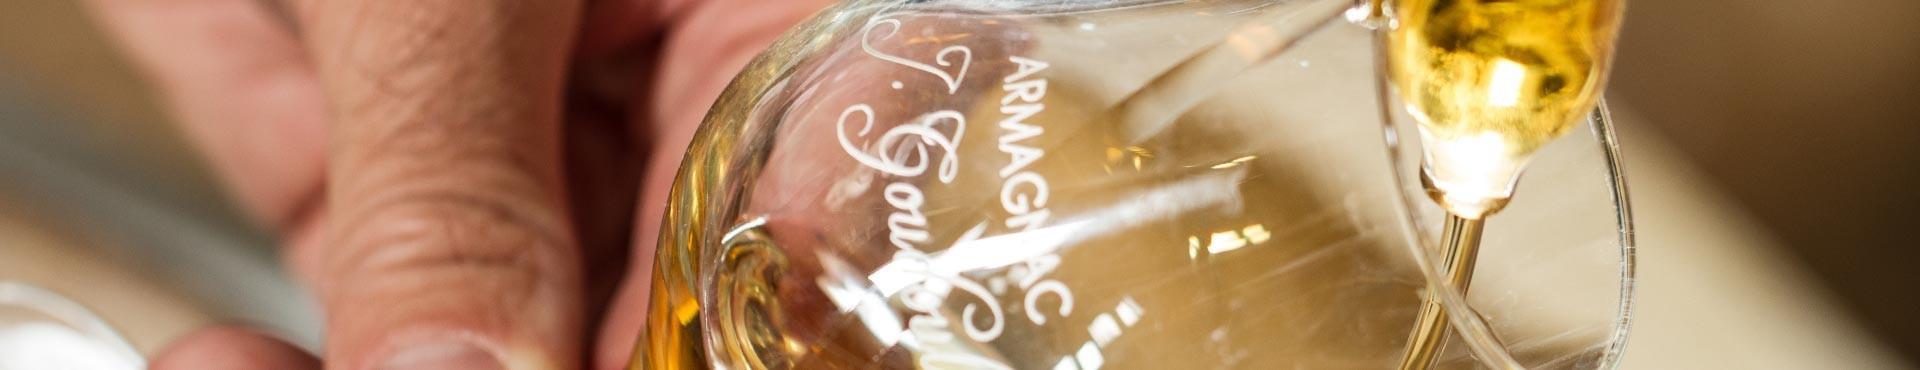 Nos Armagnacs - OnWine